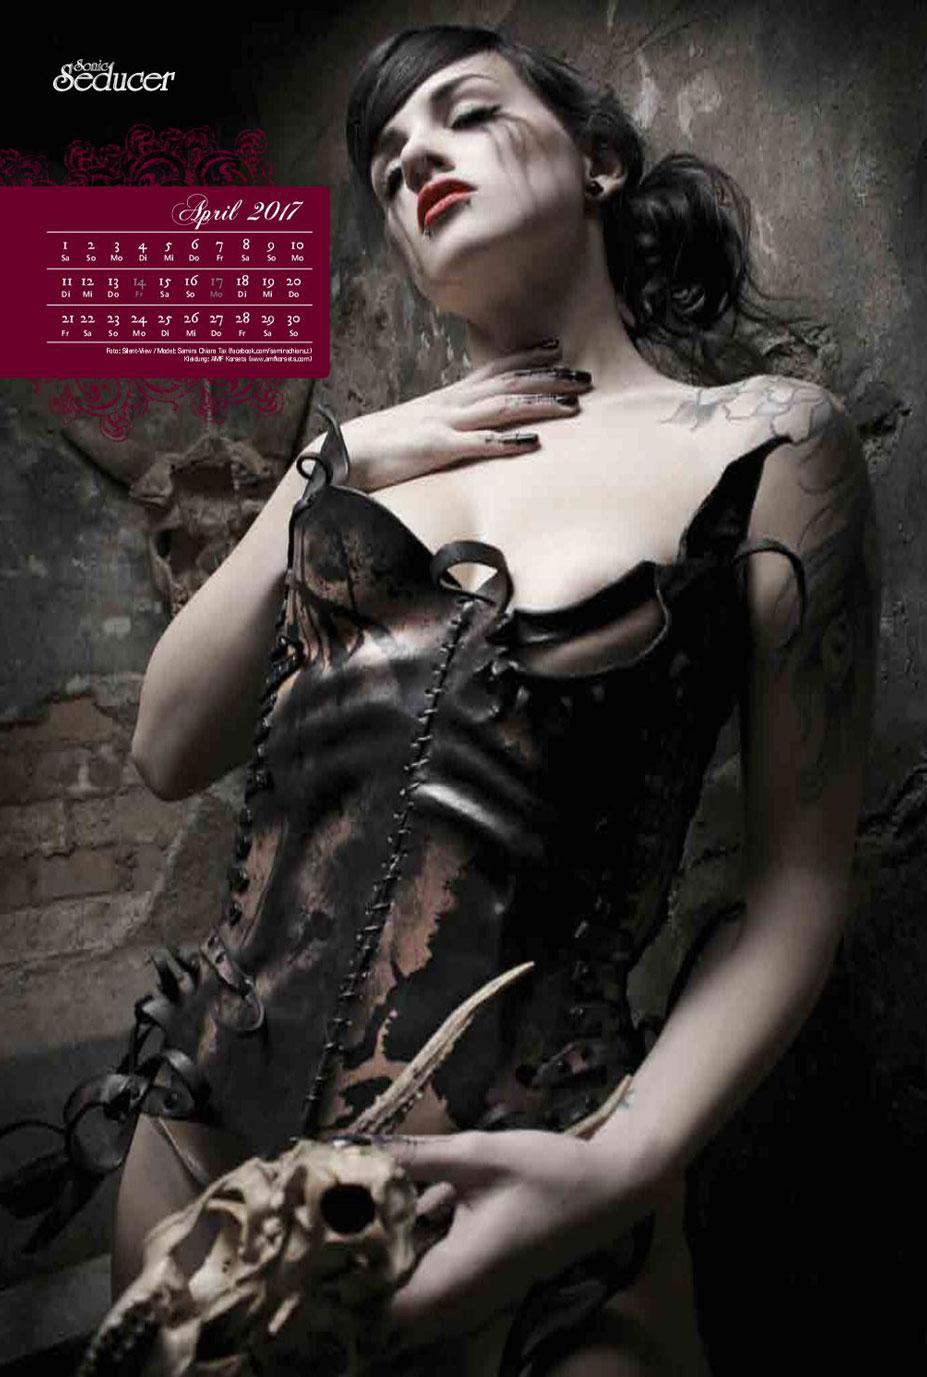 Эротически-готический фетиш-календарь с обнаженными девушками / Gothic-Fetisch 2017 calendar